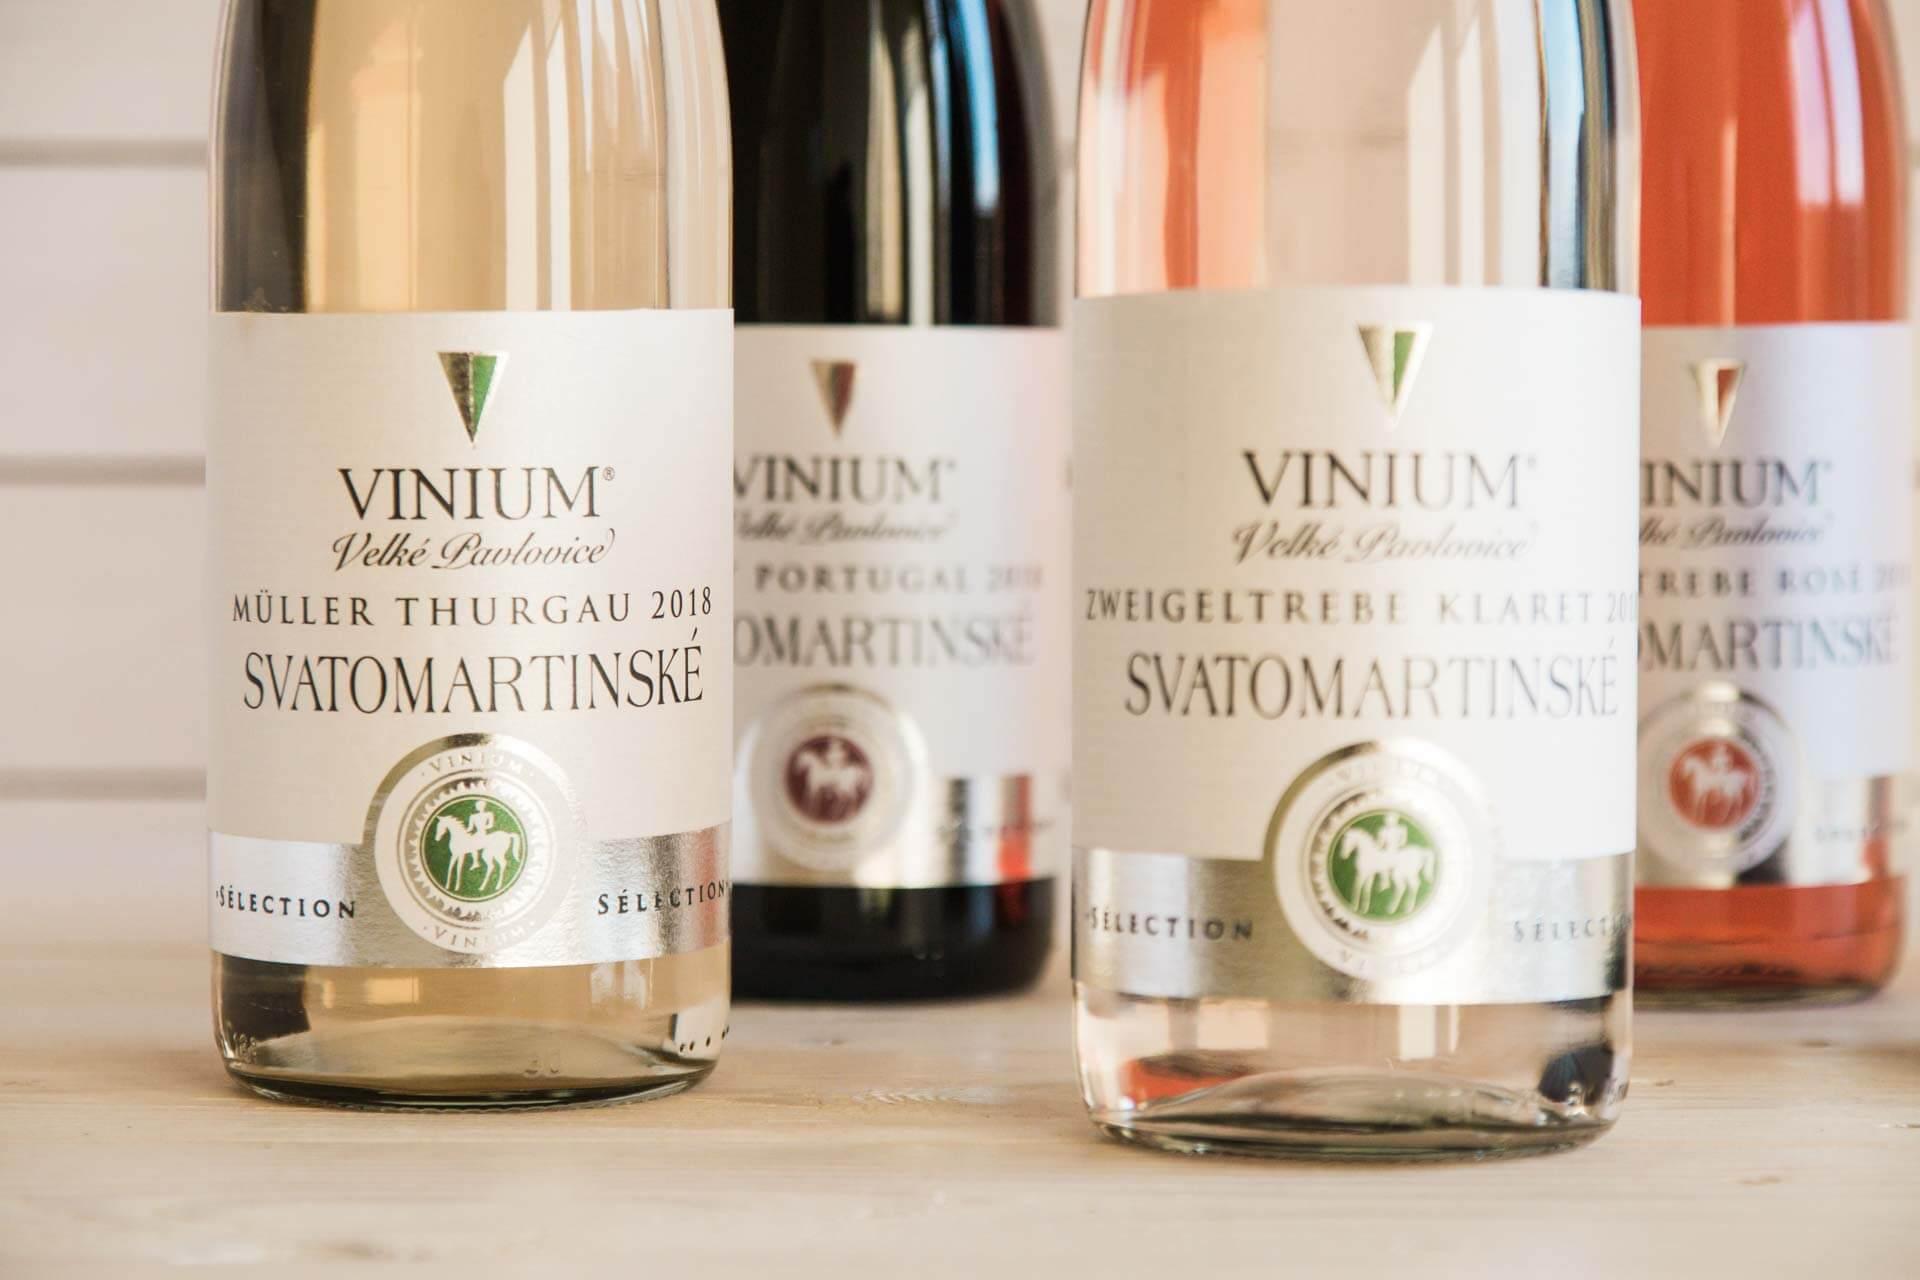 Foto ke článku 3, Svatomartinské víno, Müller Thurgau, Zweigeltrebe klaret, rosé, Svatovavřinecké, Modrý Portugal